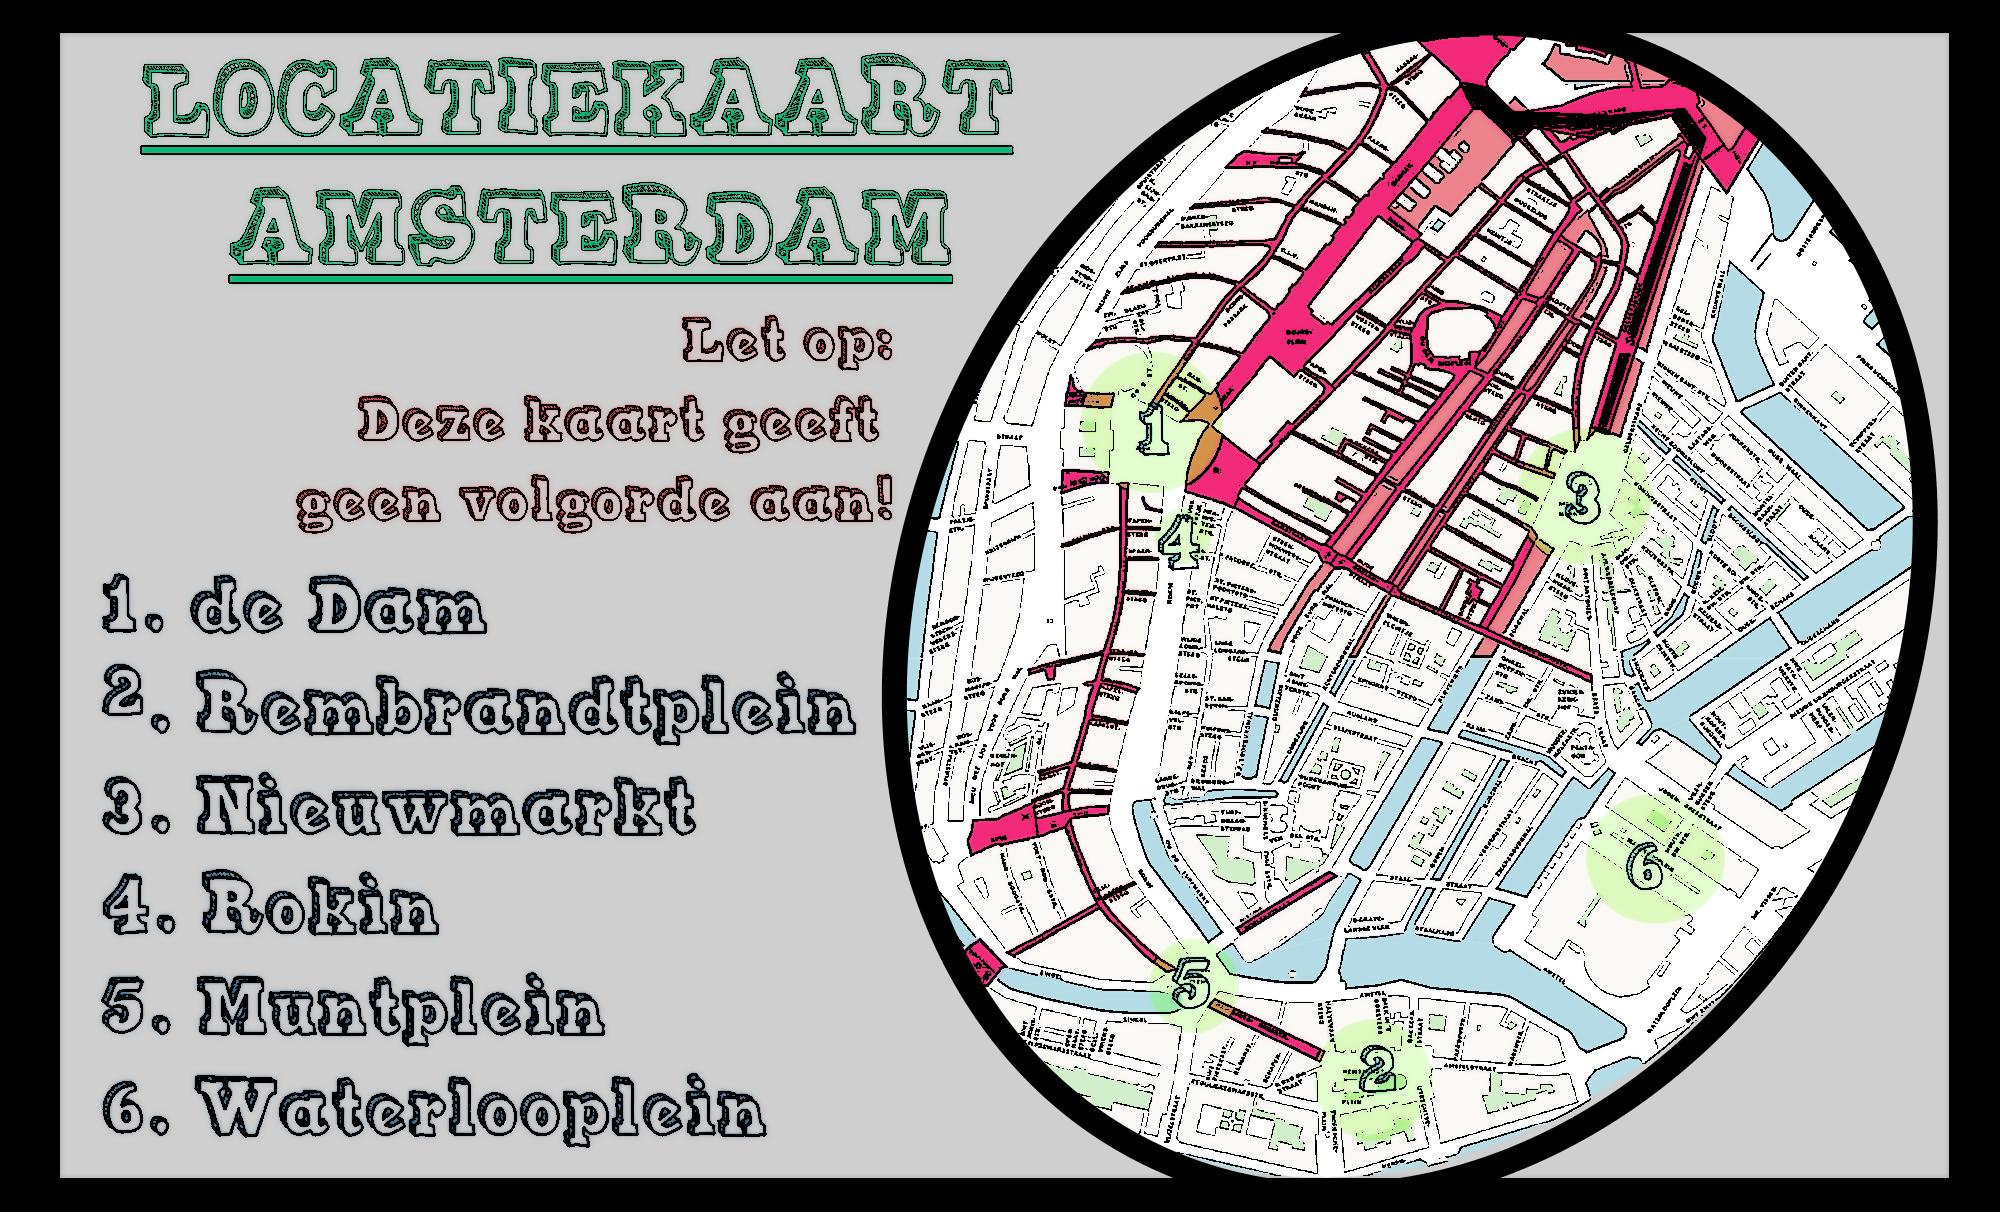 locatiekaart-amsterdam